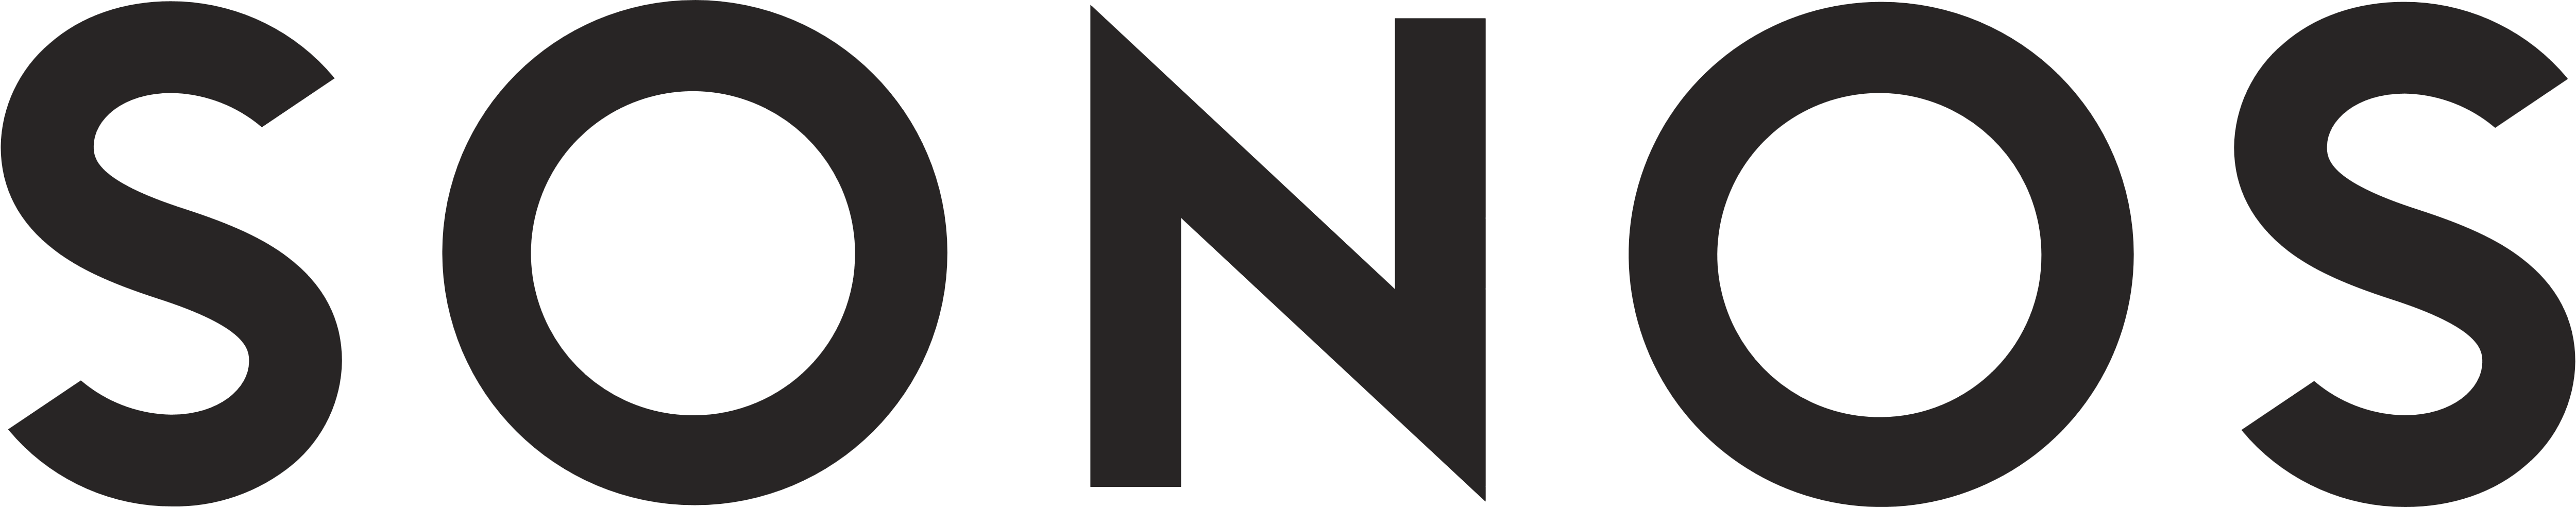 Sonos_logo